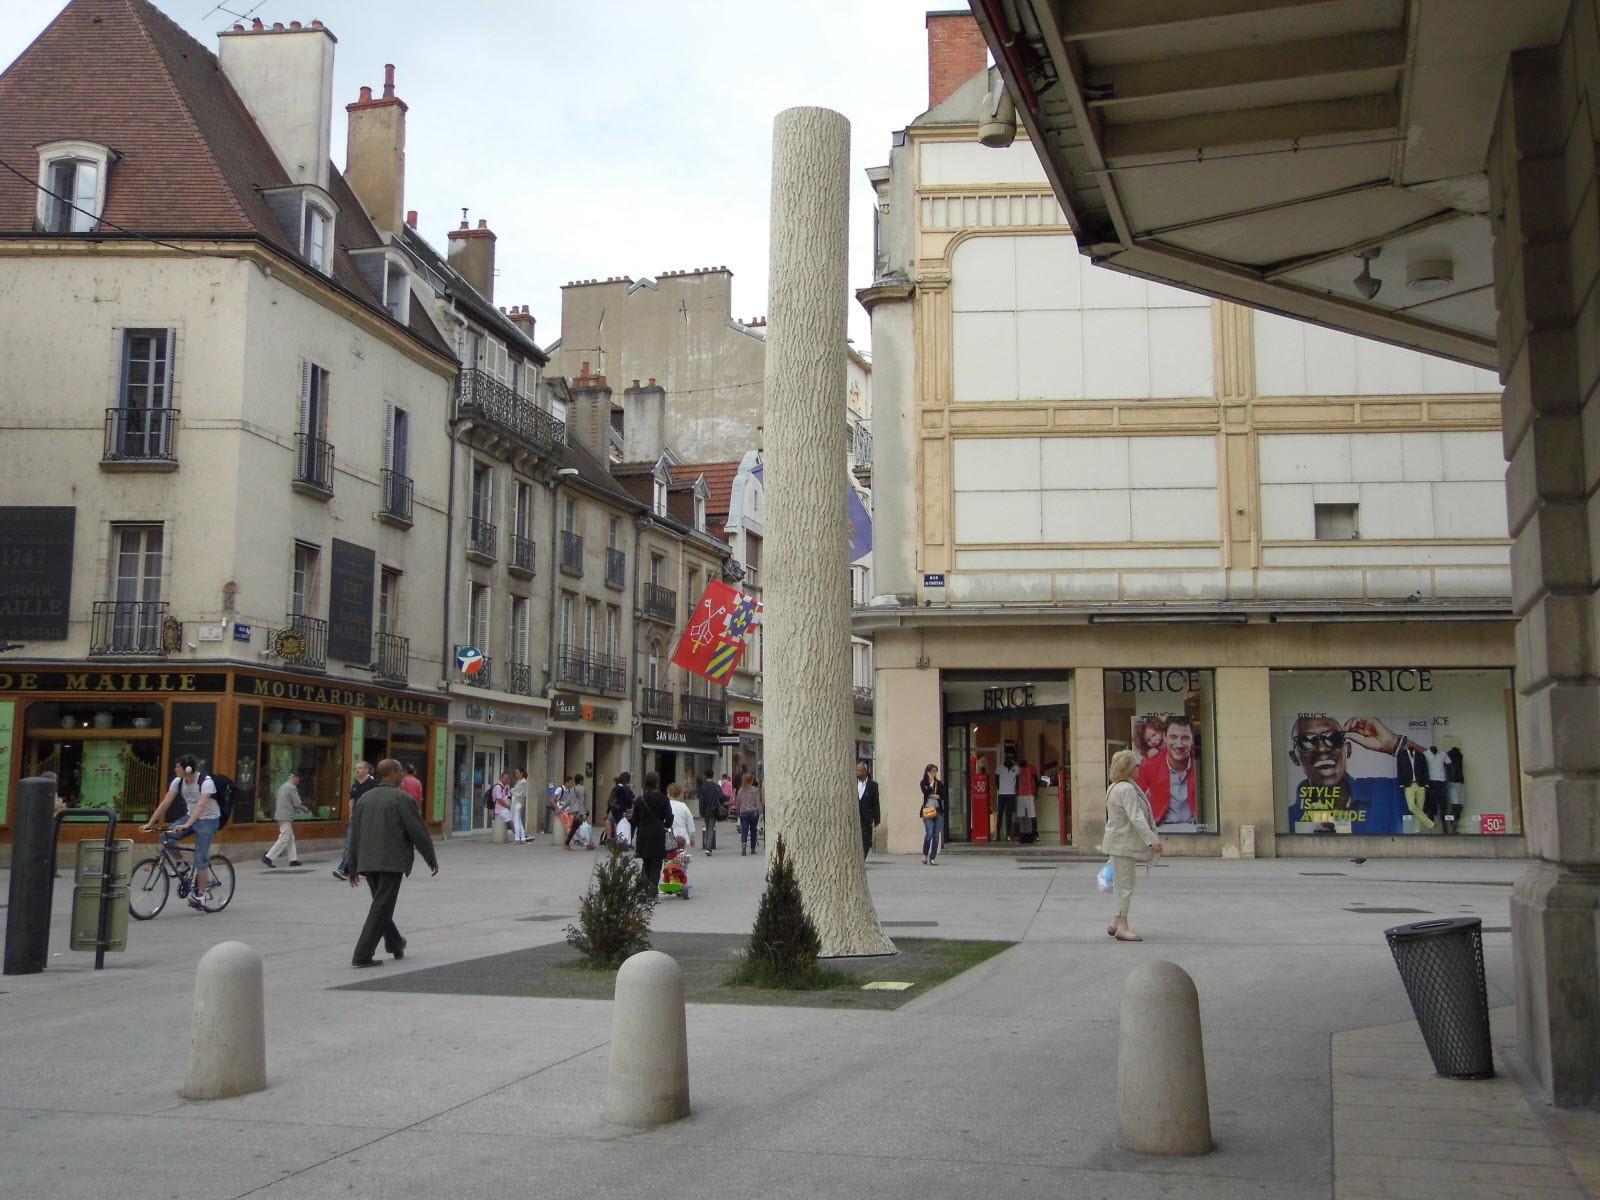 Sculpture : En France, on a de l'art(r)iste !